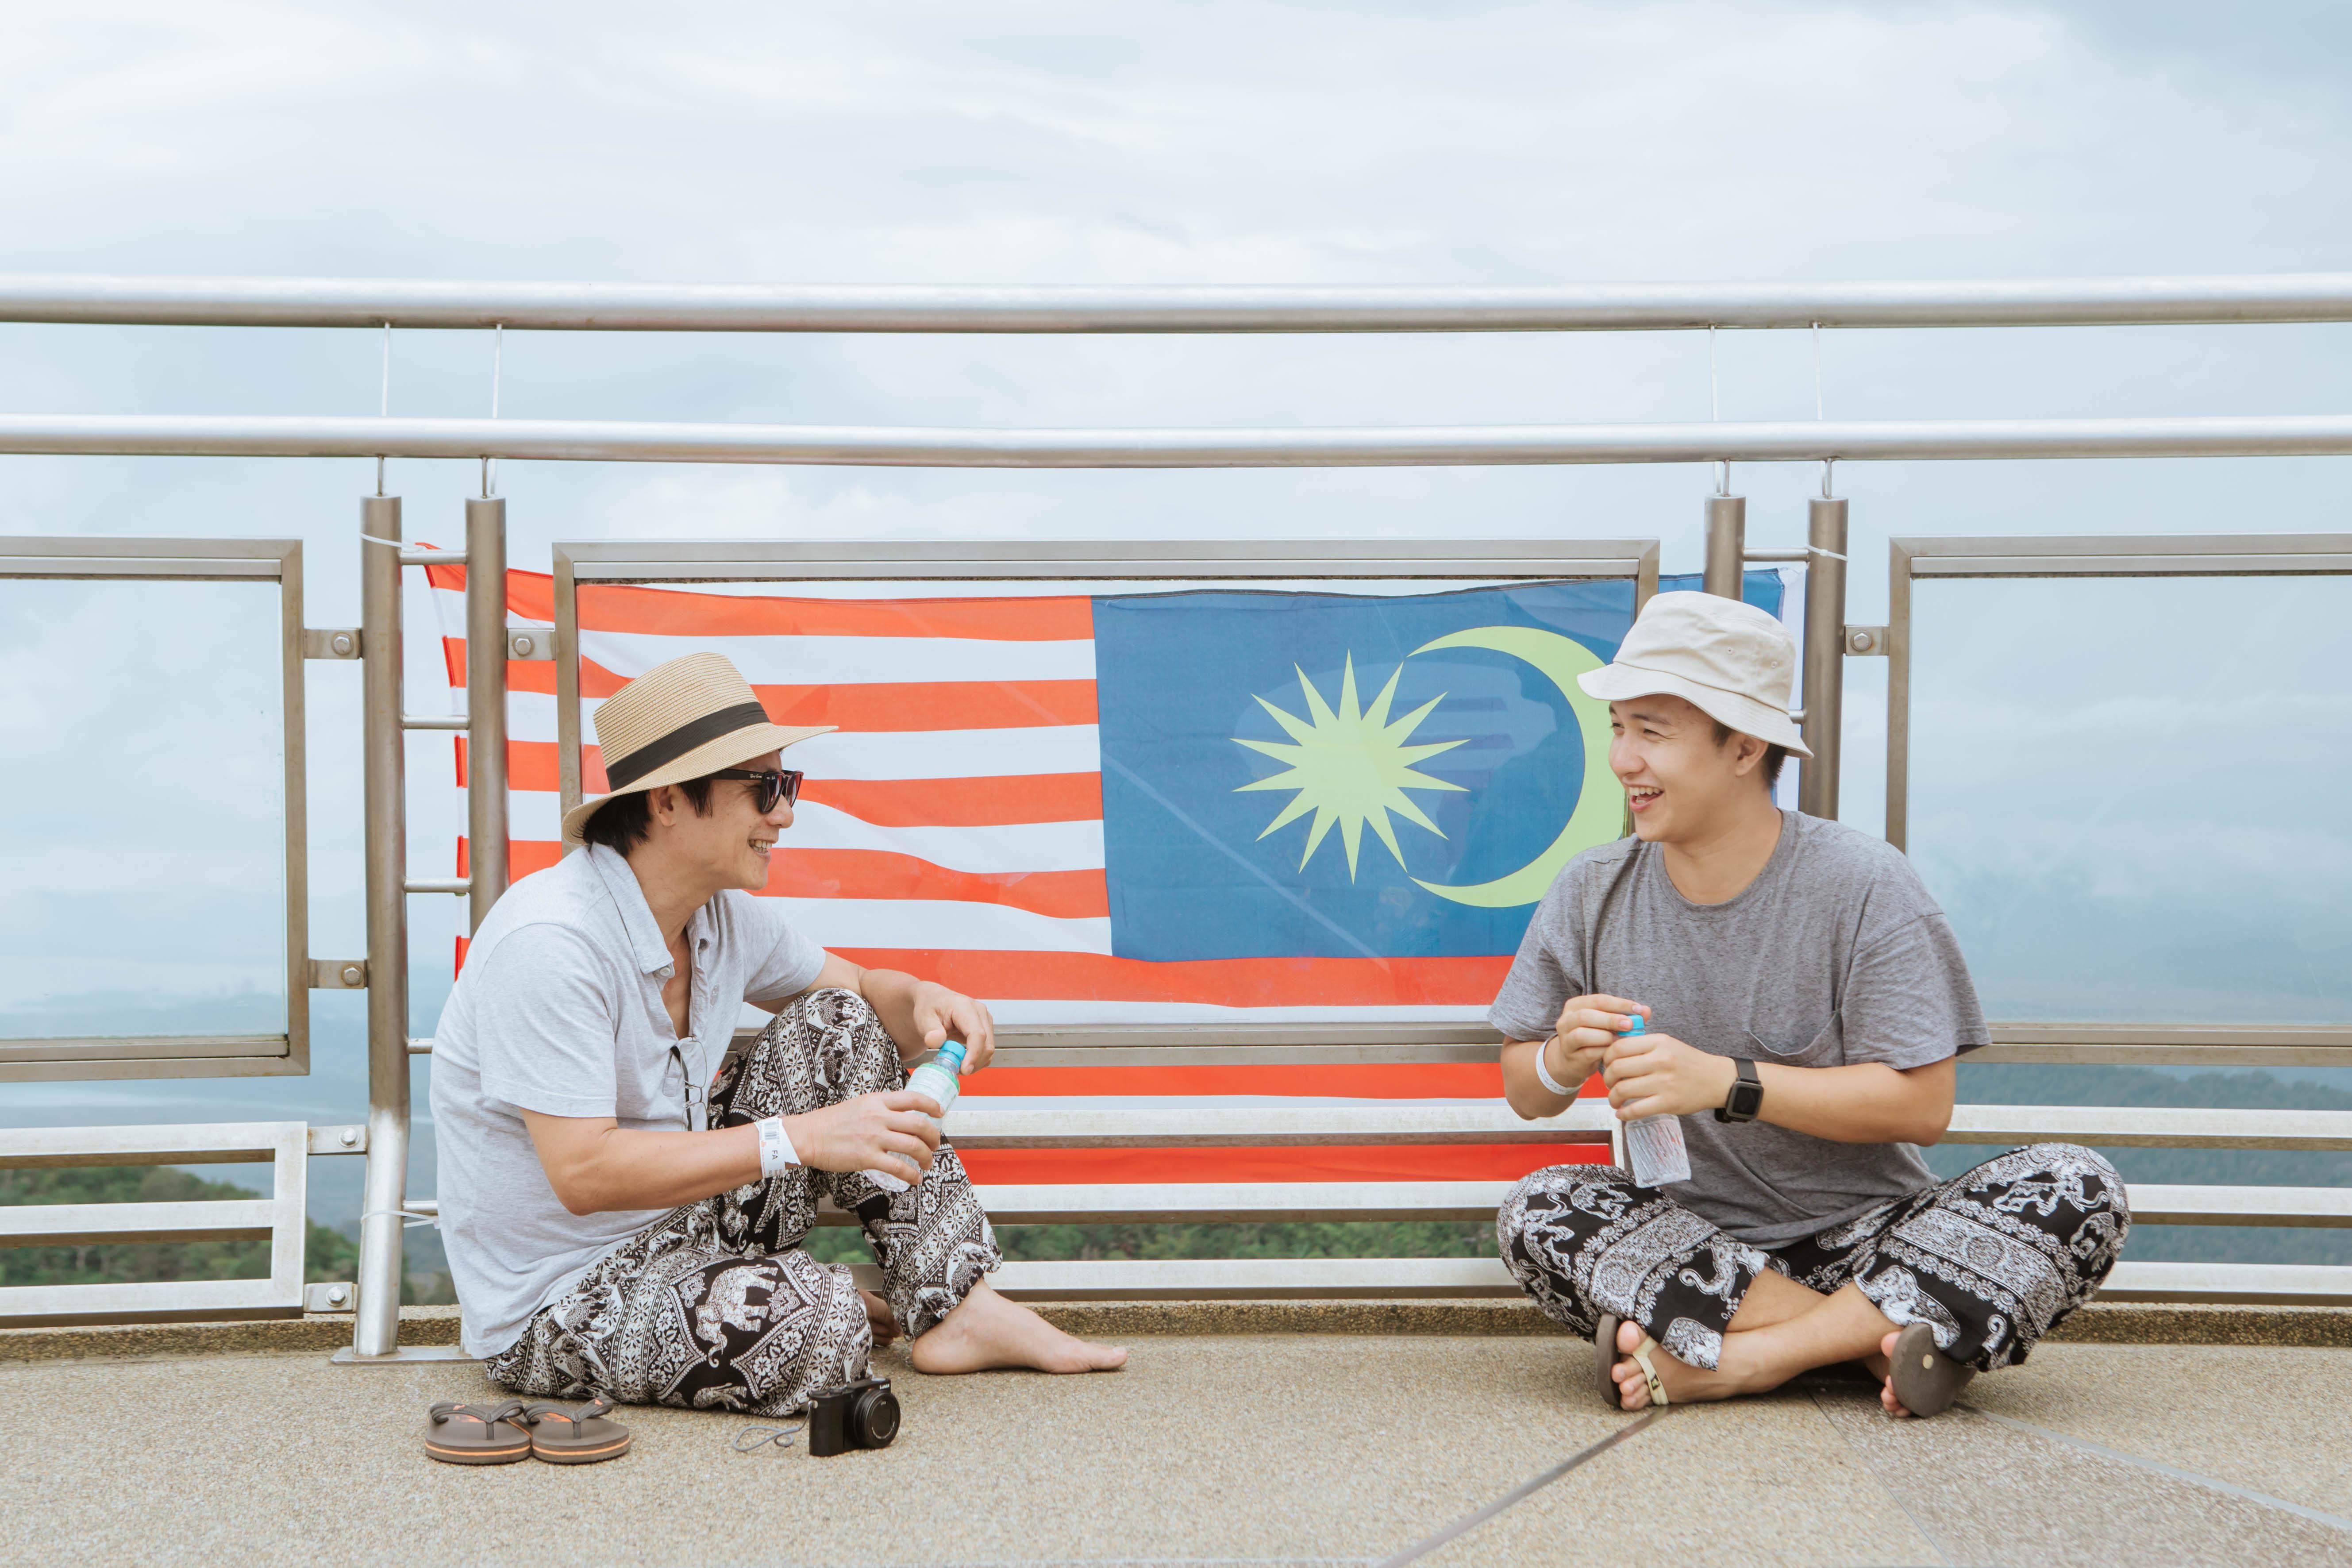 Bạn chọn ai khi muốn đi du lịch, cậu con trai Nghệ An 24 tuổi này rủ ông bố 60 tuổi, và họ có những trải nghiệm cùng nhau lần đầu tiên! - Ảnh 13.